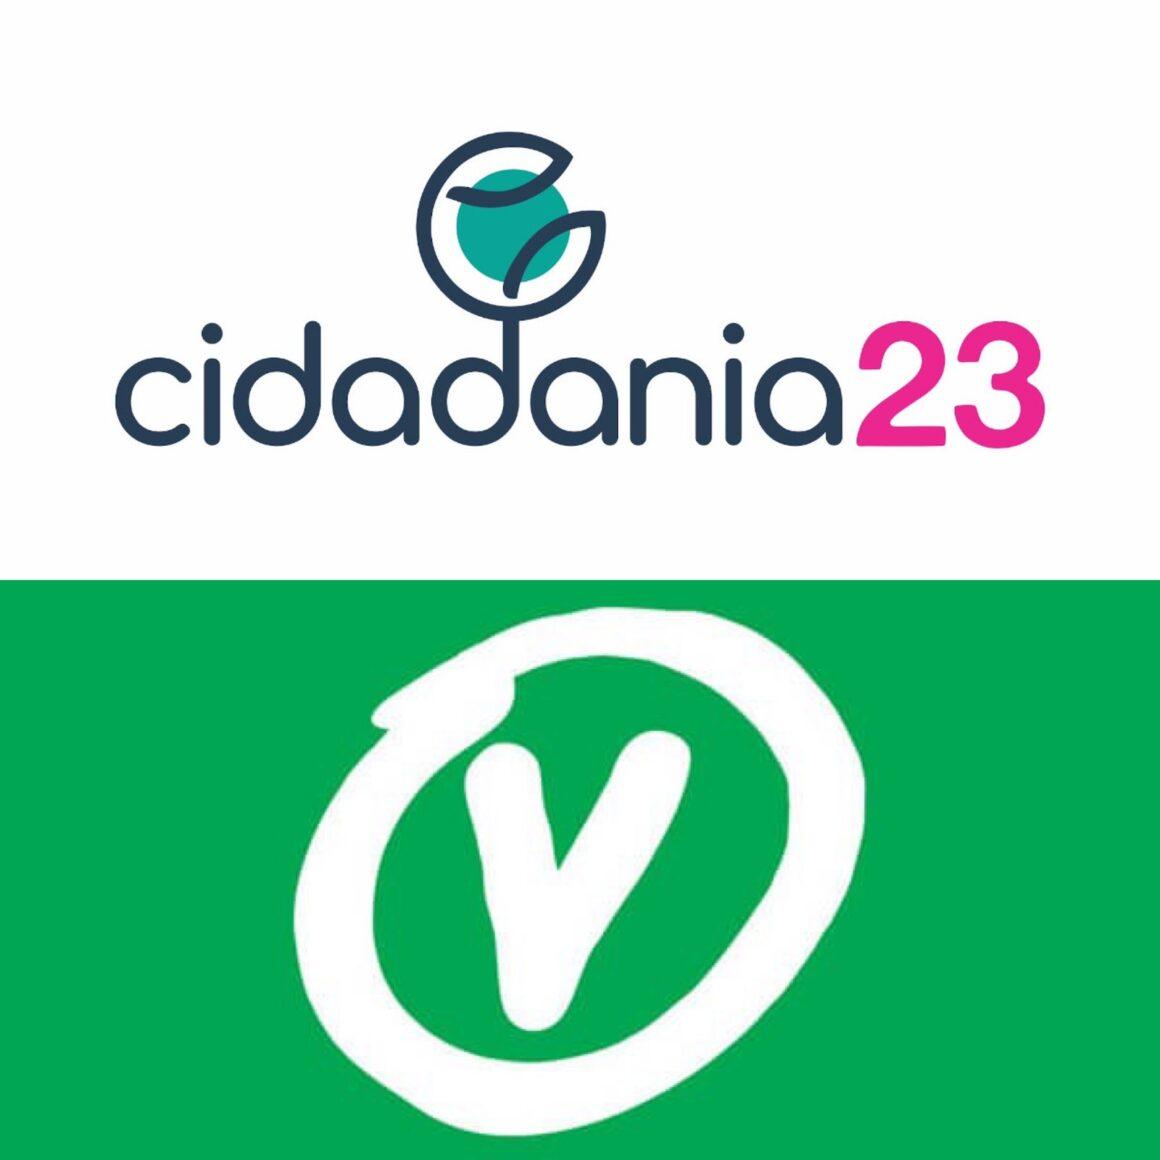 PV e Cidadania, João e Cartaxo, juntos em 2022. Será?